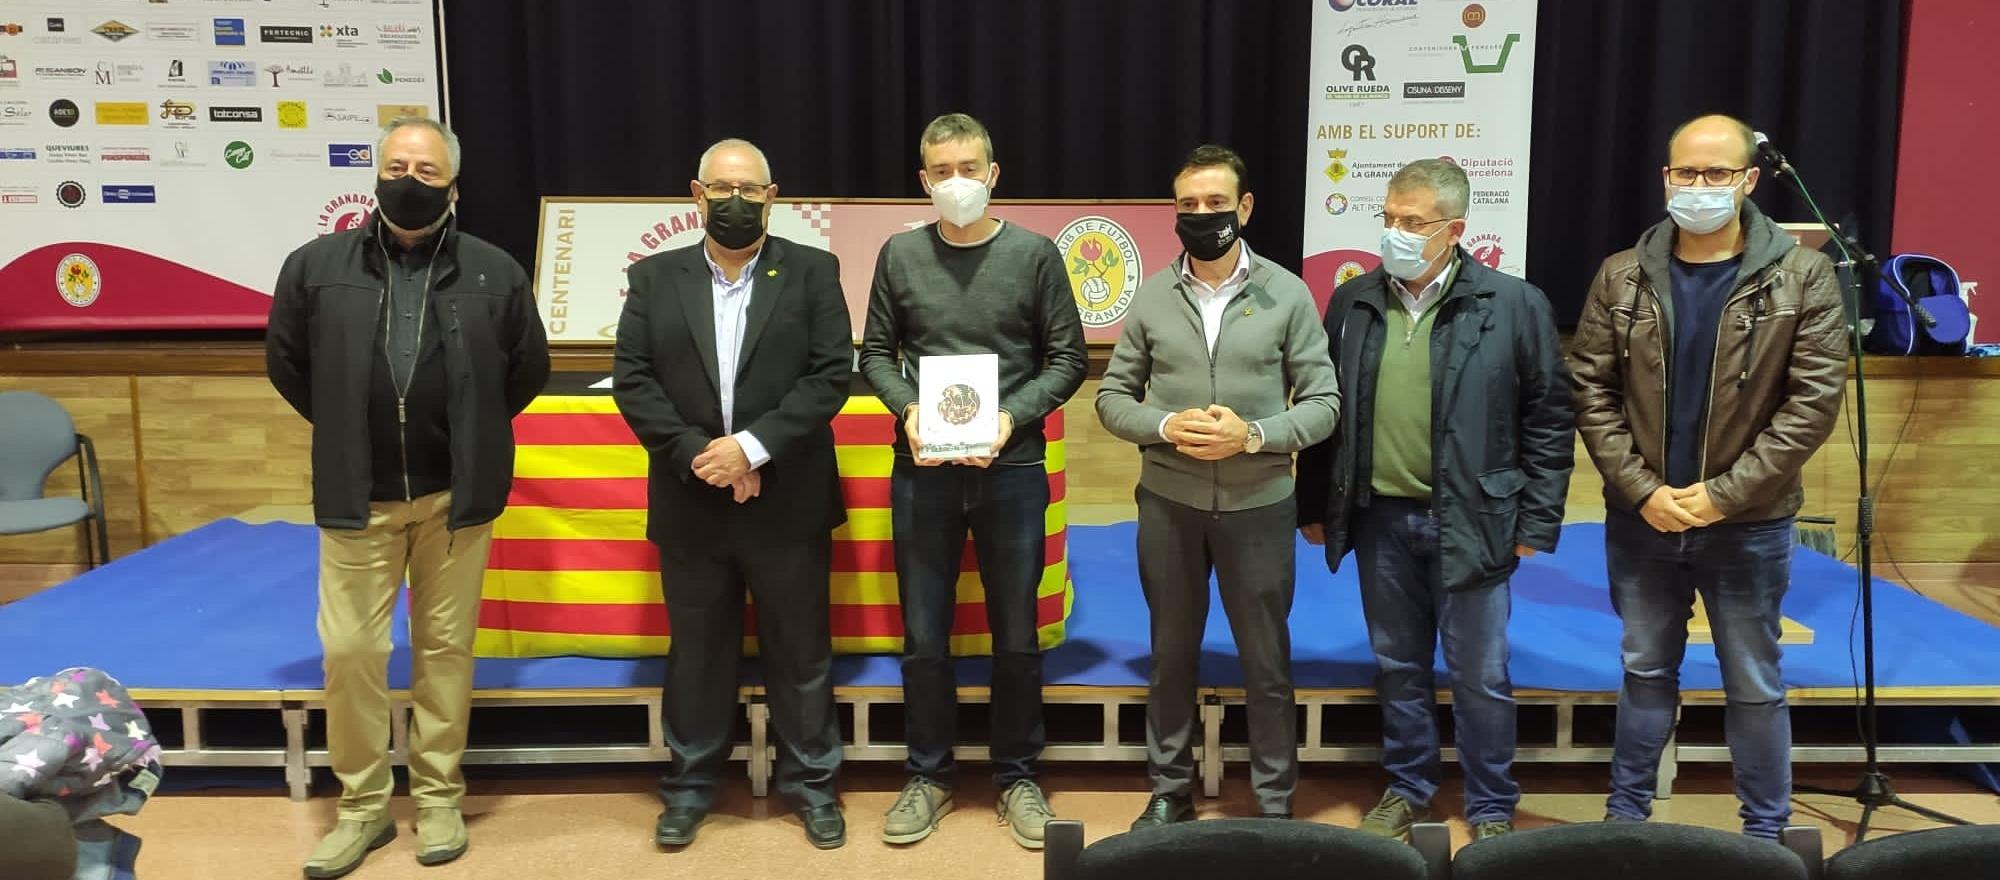 L'FCF, a la presentació del llibre 'Història del CF La Granada'